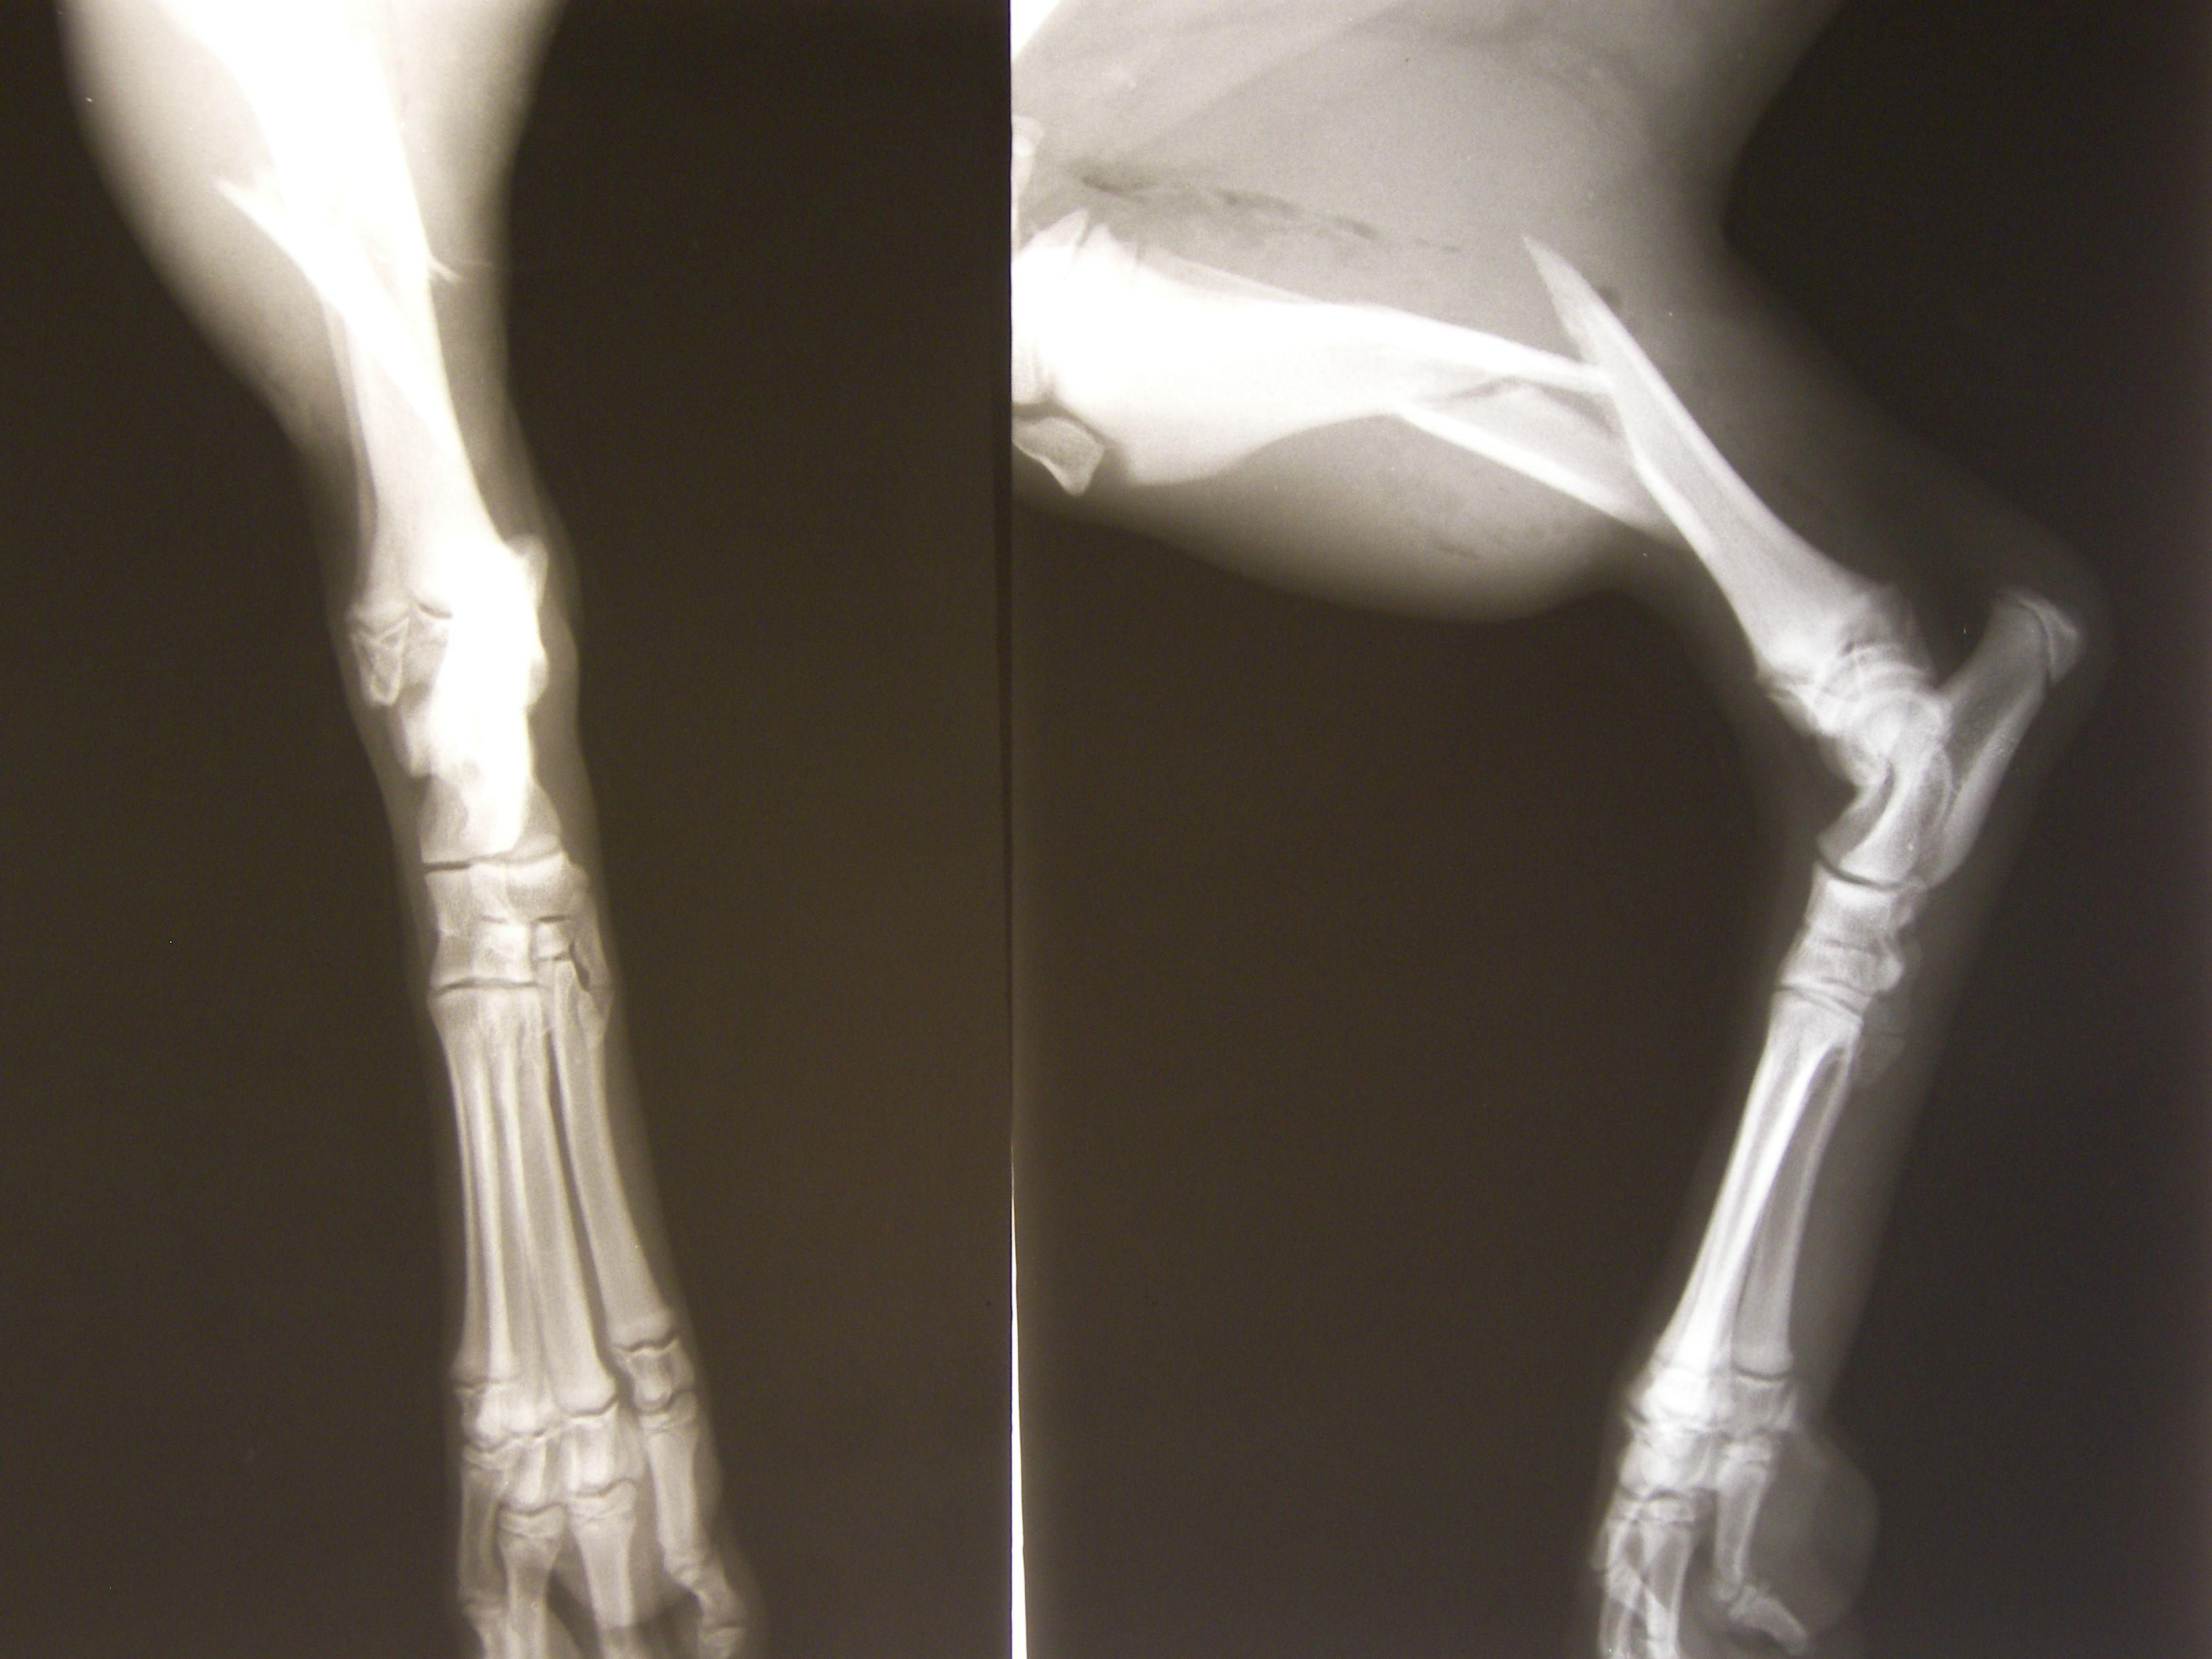 Cette technique permettrait de soigner les fractures sans tous les désagréments liés à la greffe osseuse habituelle